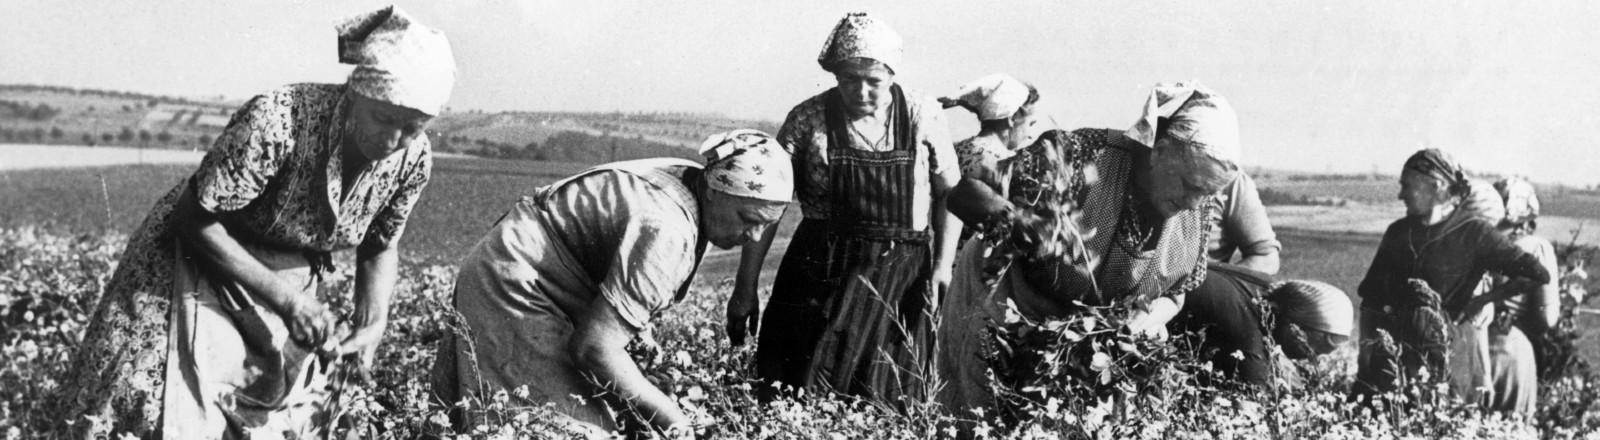 Frauen der Gärtnerbrigade der Landwirtschaftlichen Produktionsgenossenschaft Zehren im Kreis Meißen ernten Erbsen. (Undatierte Aufnahme).